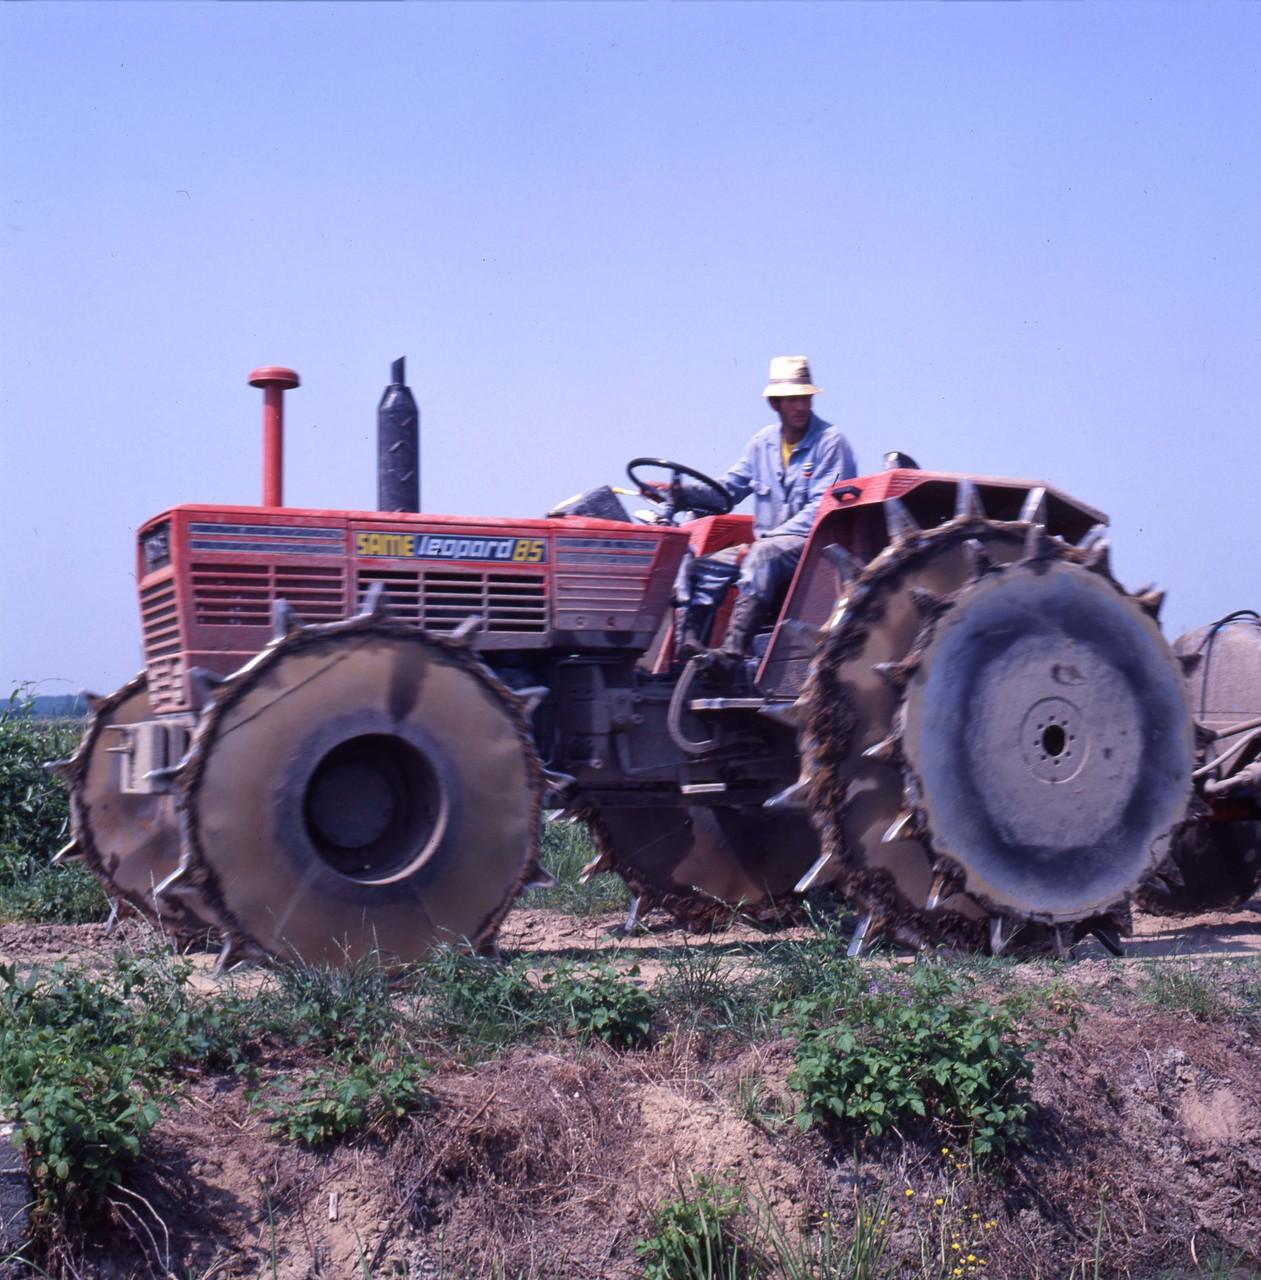 [SAME] trattore Leopard 85 al lavoro in risaia